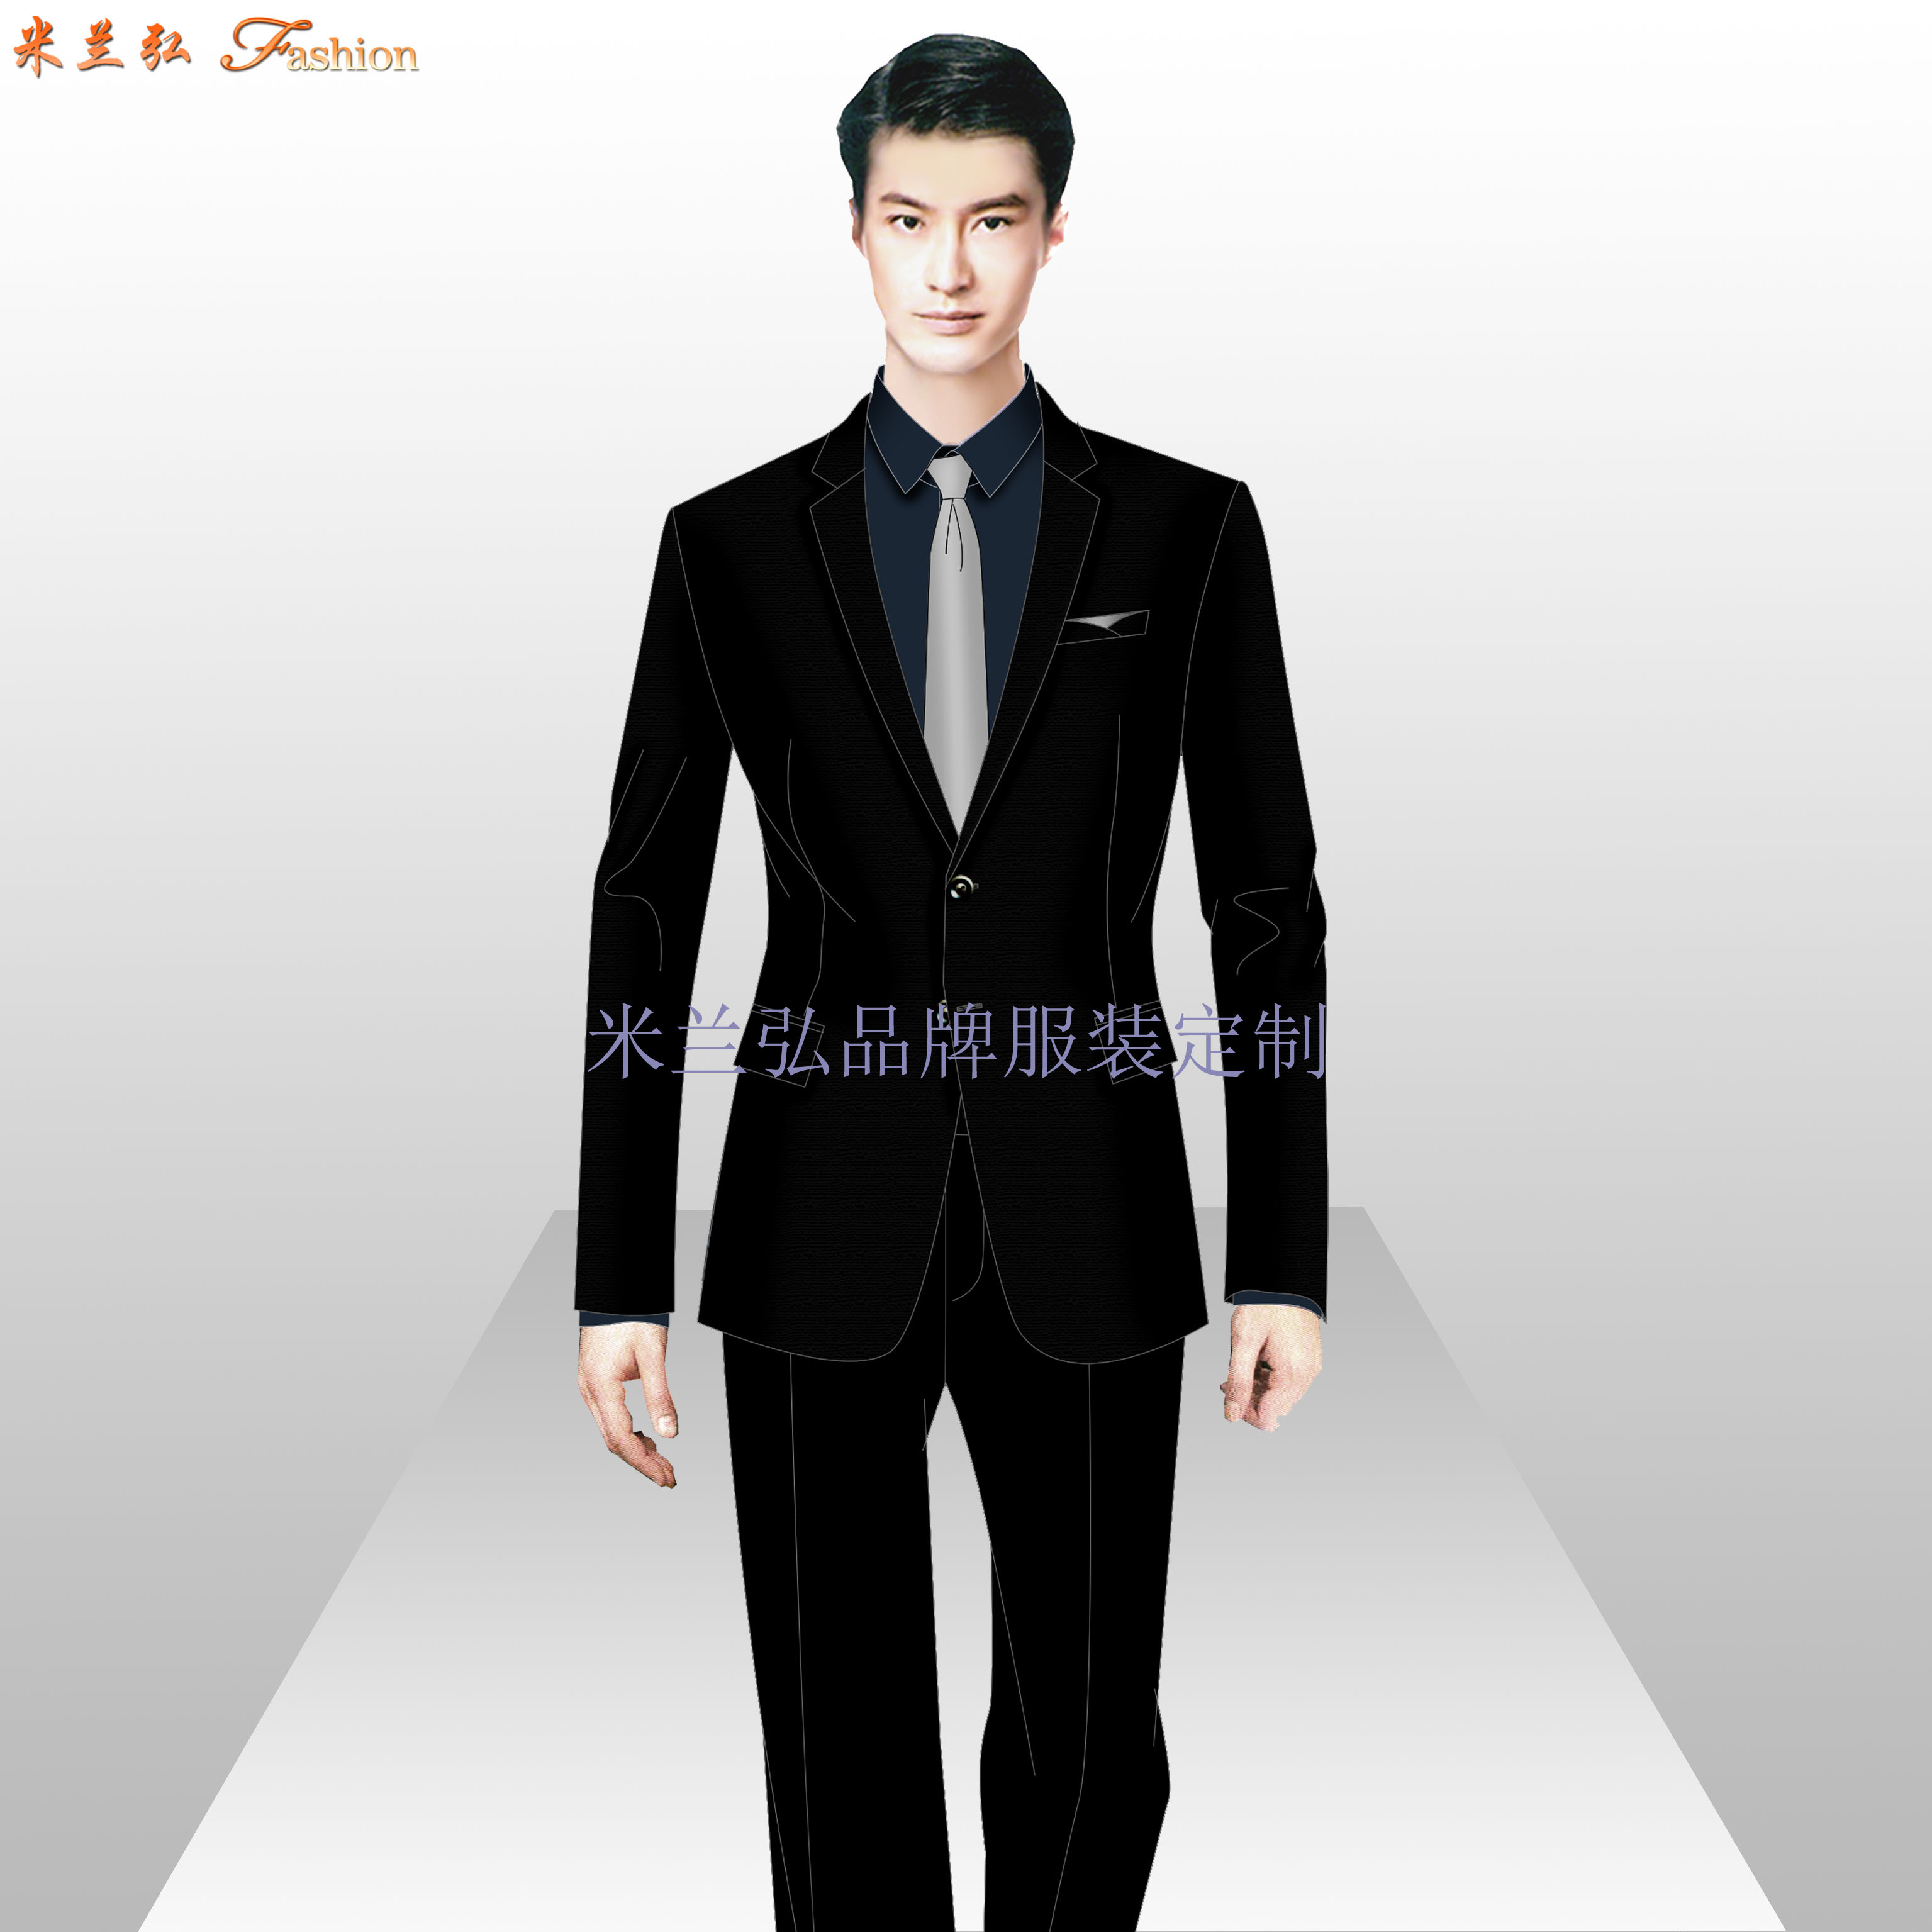 國貿西服定制_北京國貿量體定做西服品牌-米蘭弘服裝廠家-3